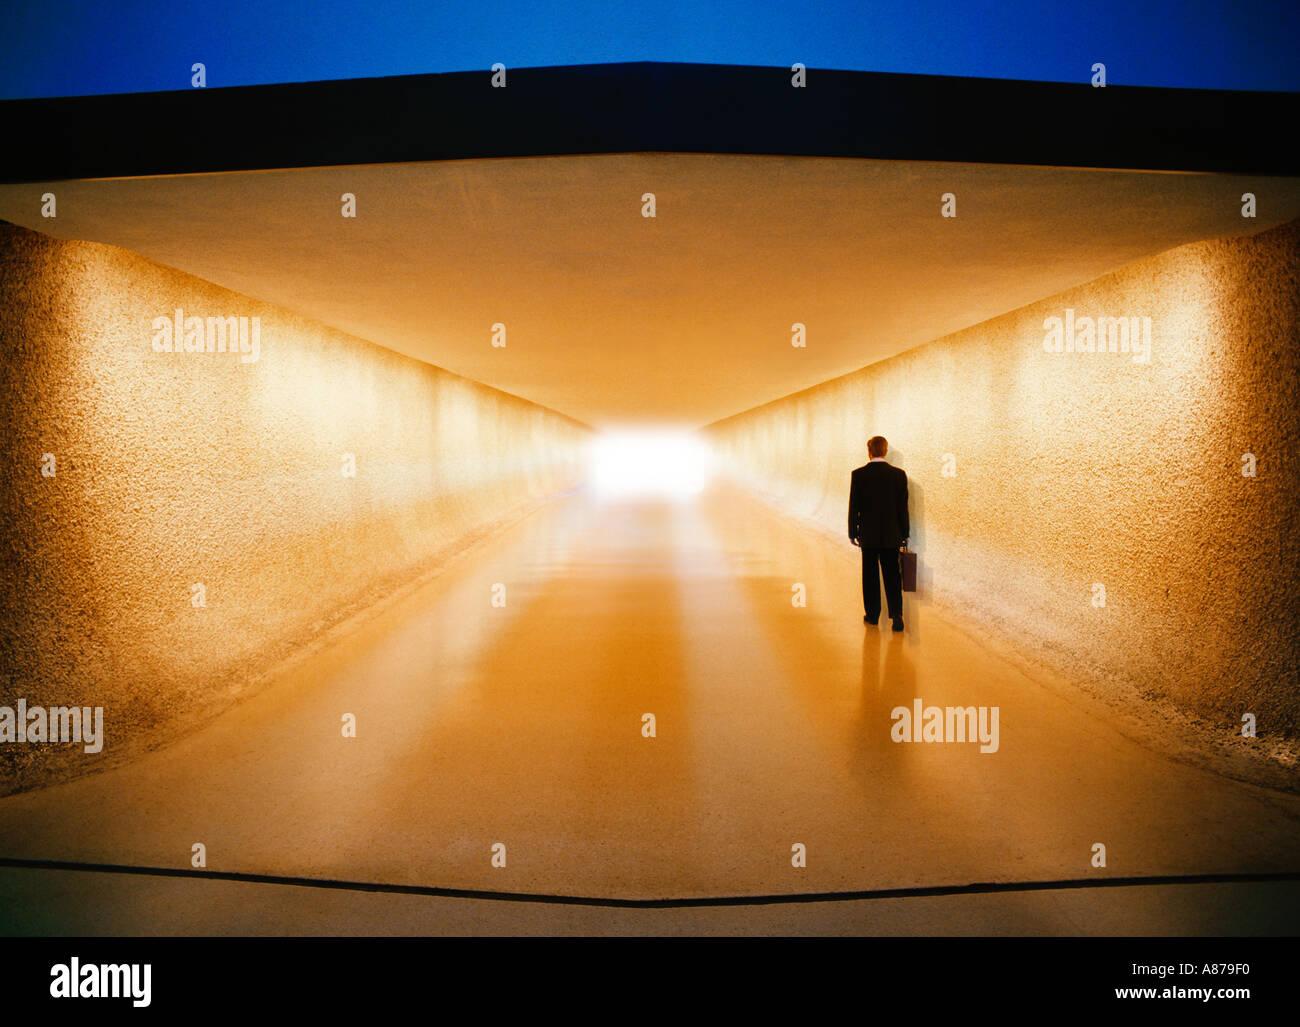 Geschäftsmann mit Aktenkoffer Korridor in Richtung Gepäckausgabe hinunter und Boden Transport am Flughafen Stockfoto